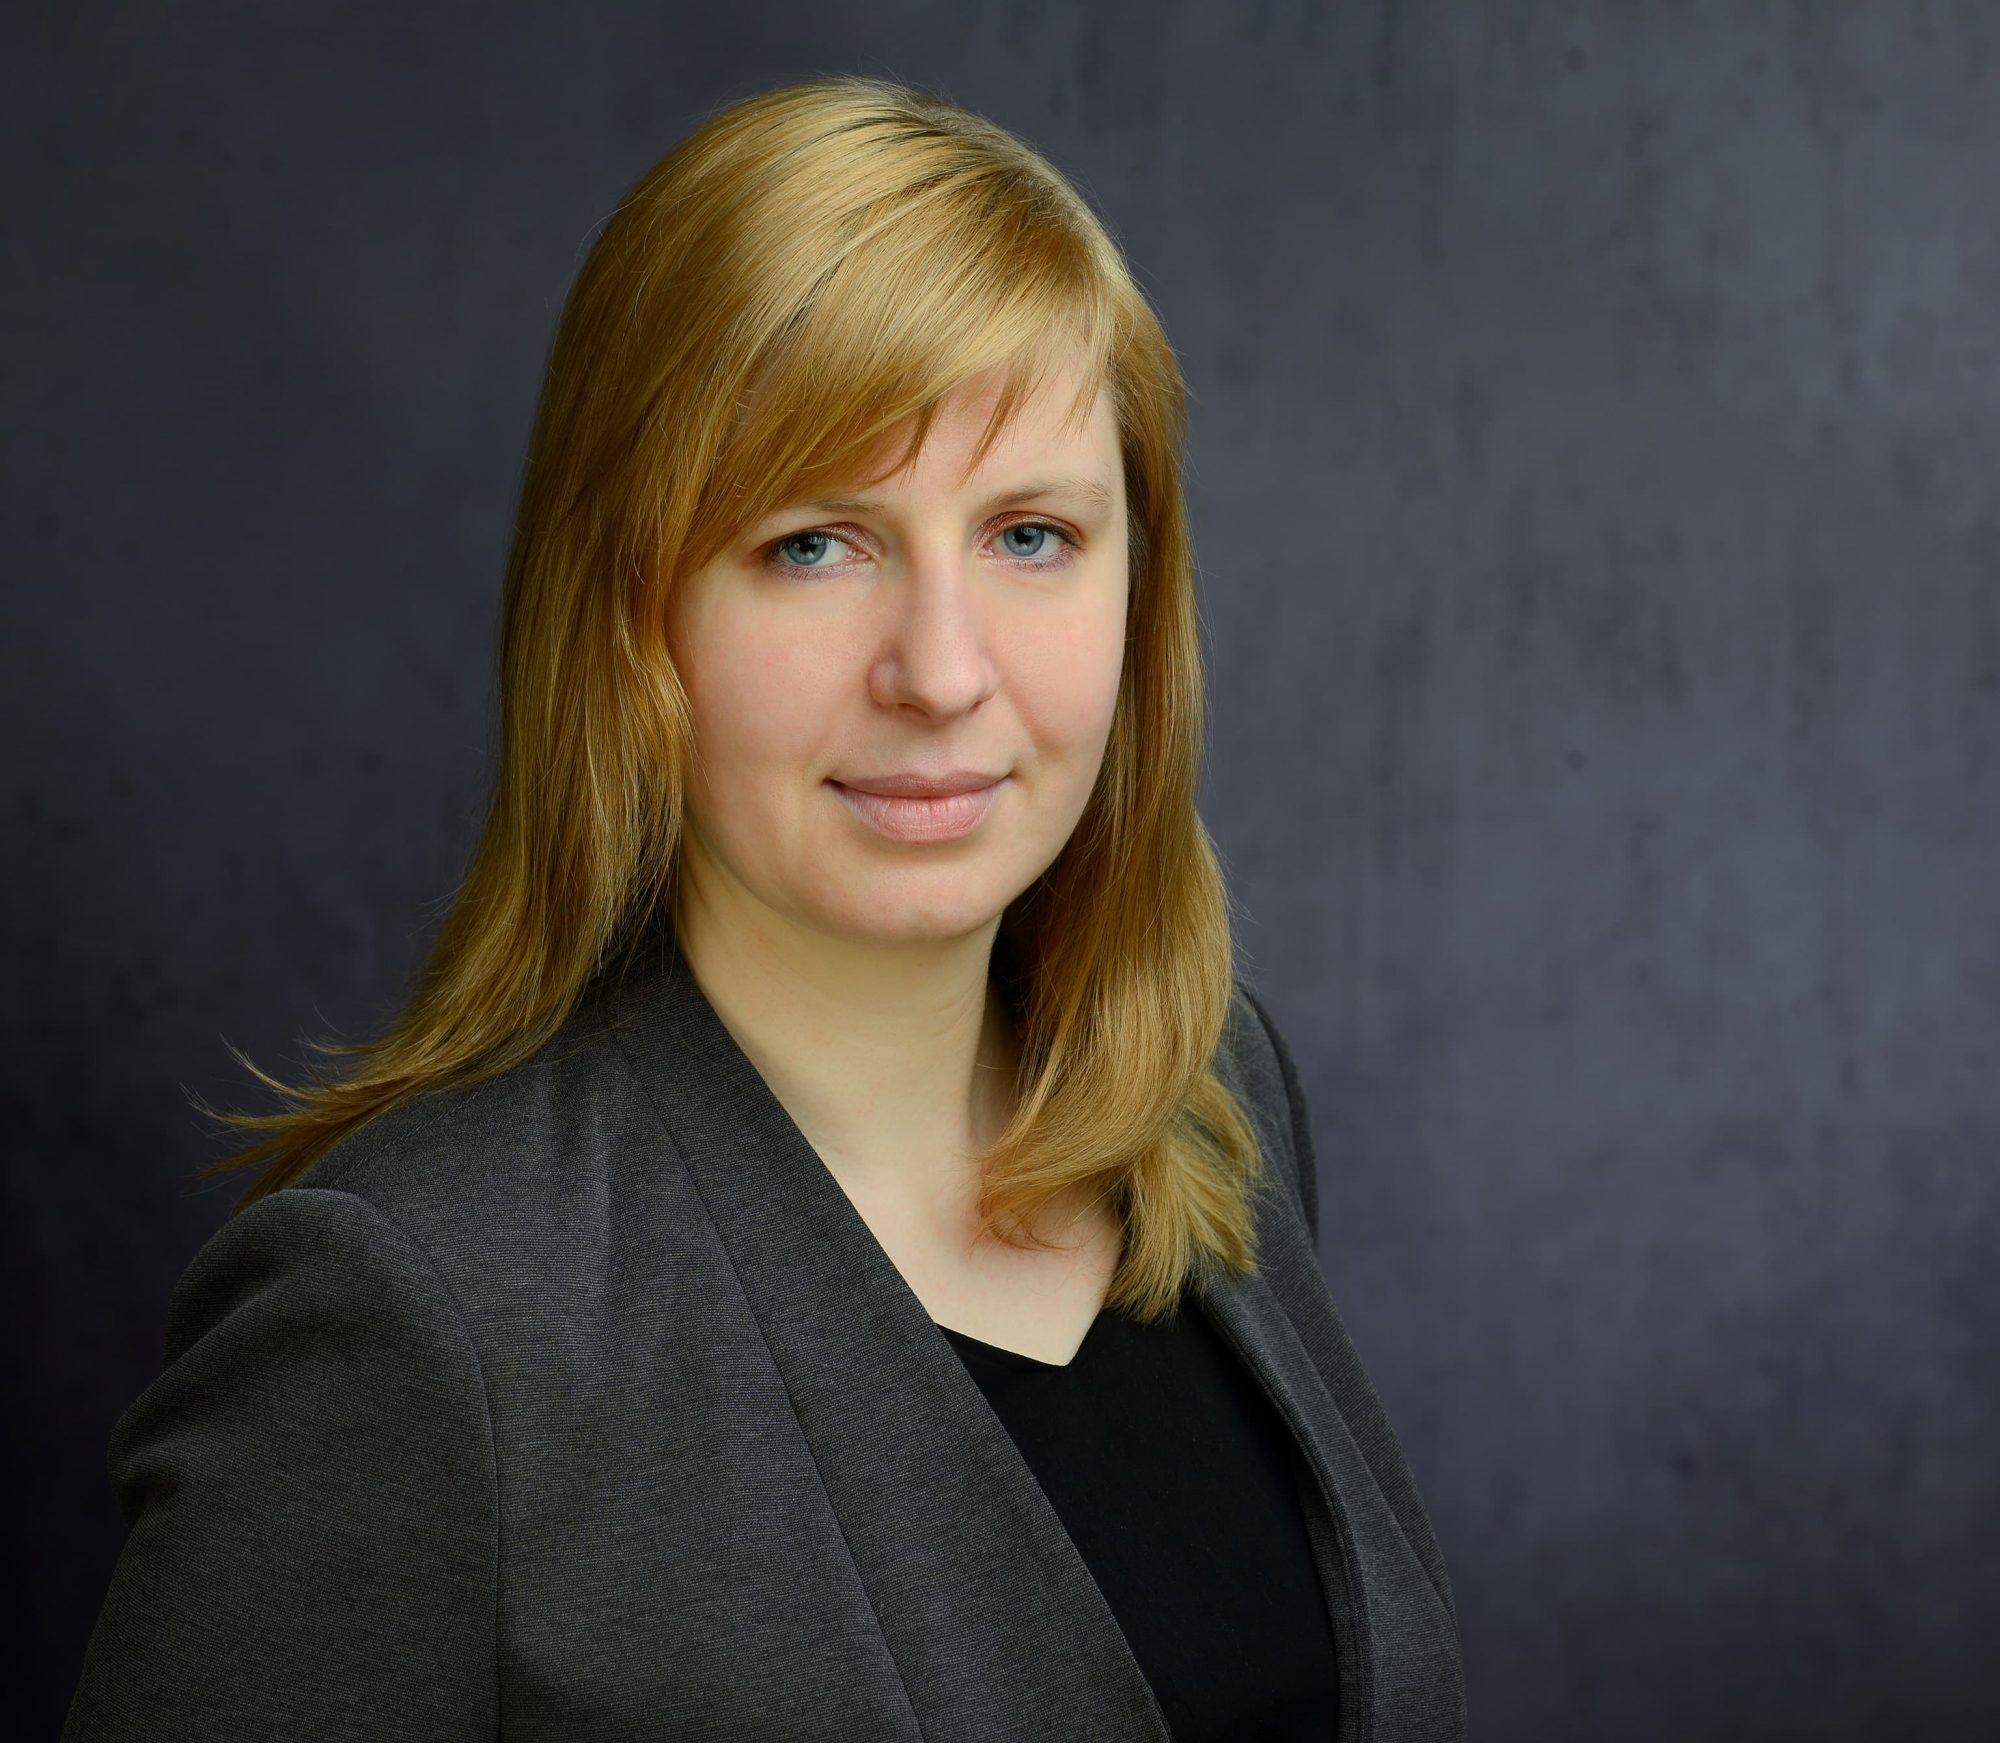 Maike Bischof, Fotografie Anne